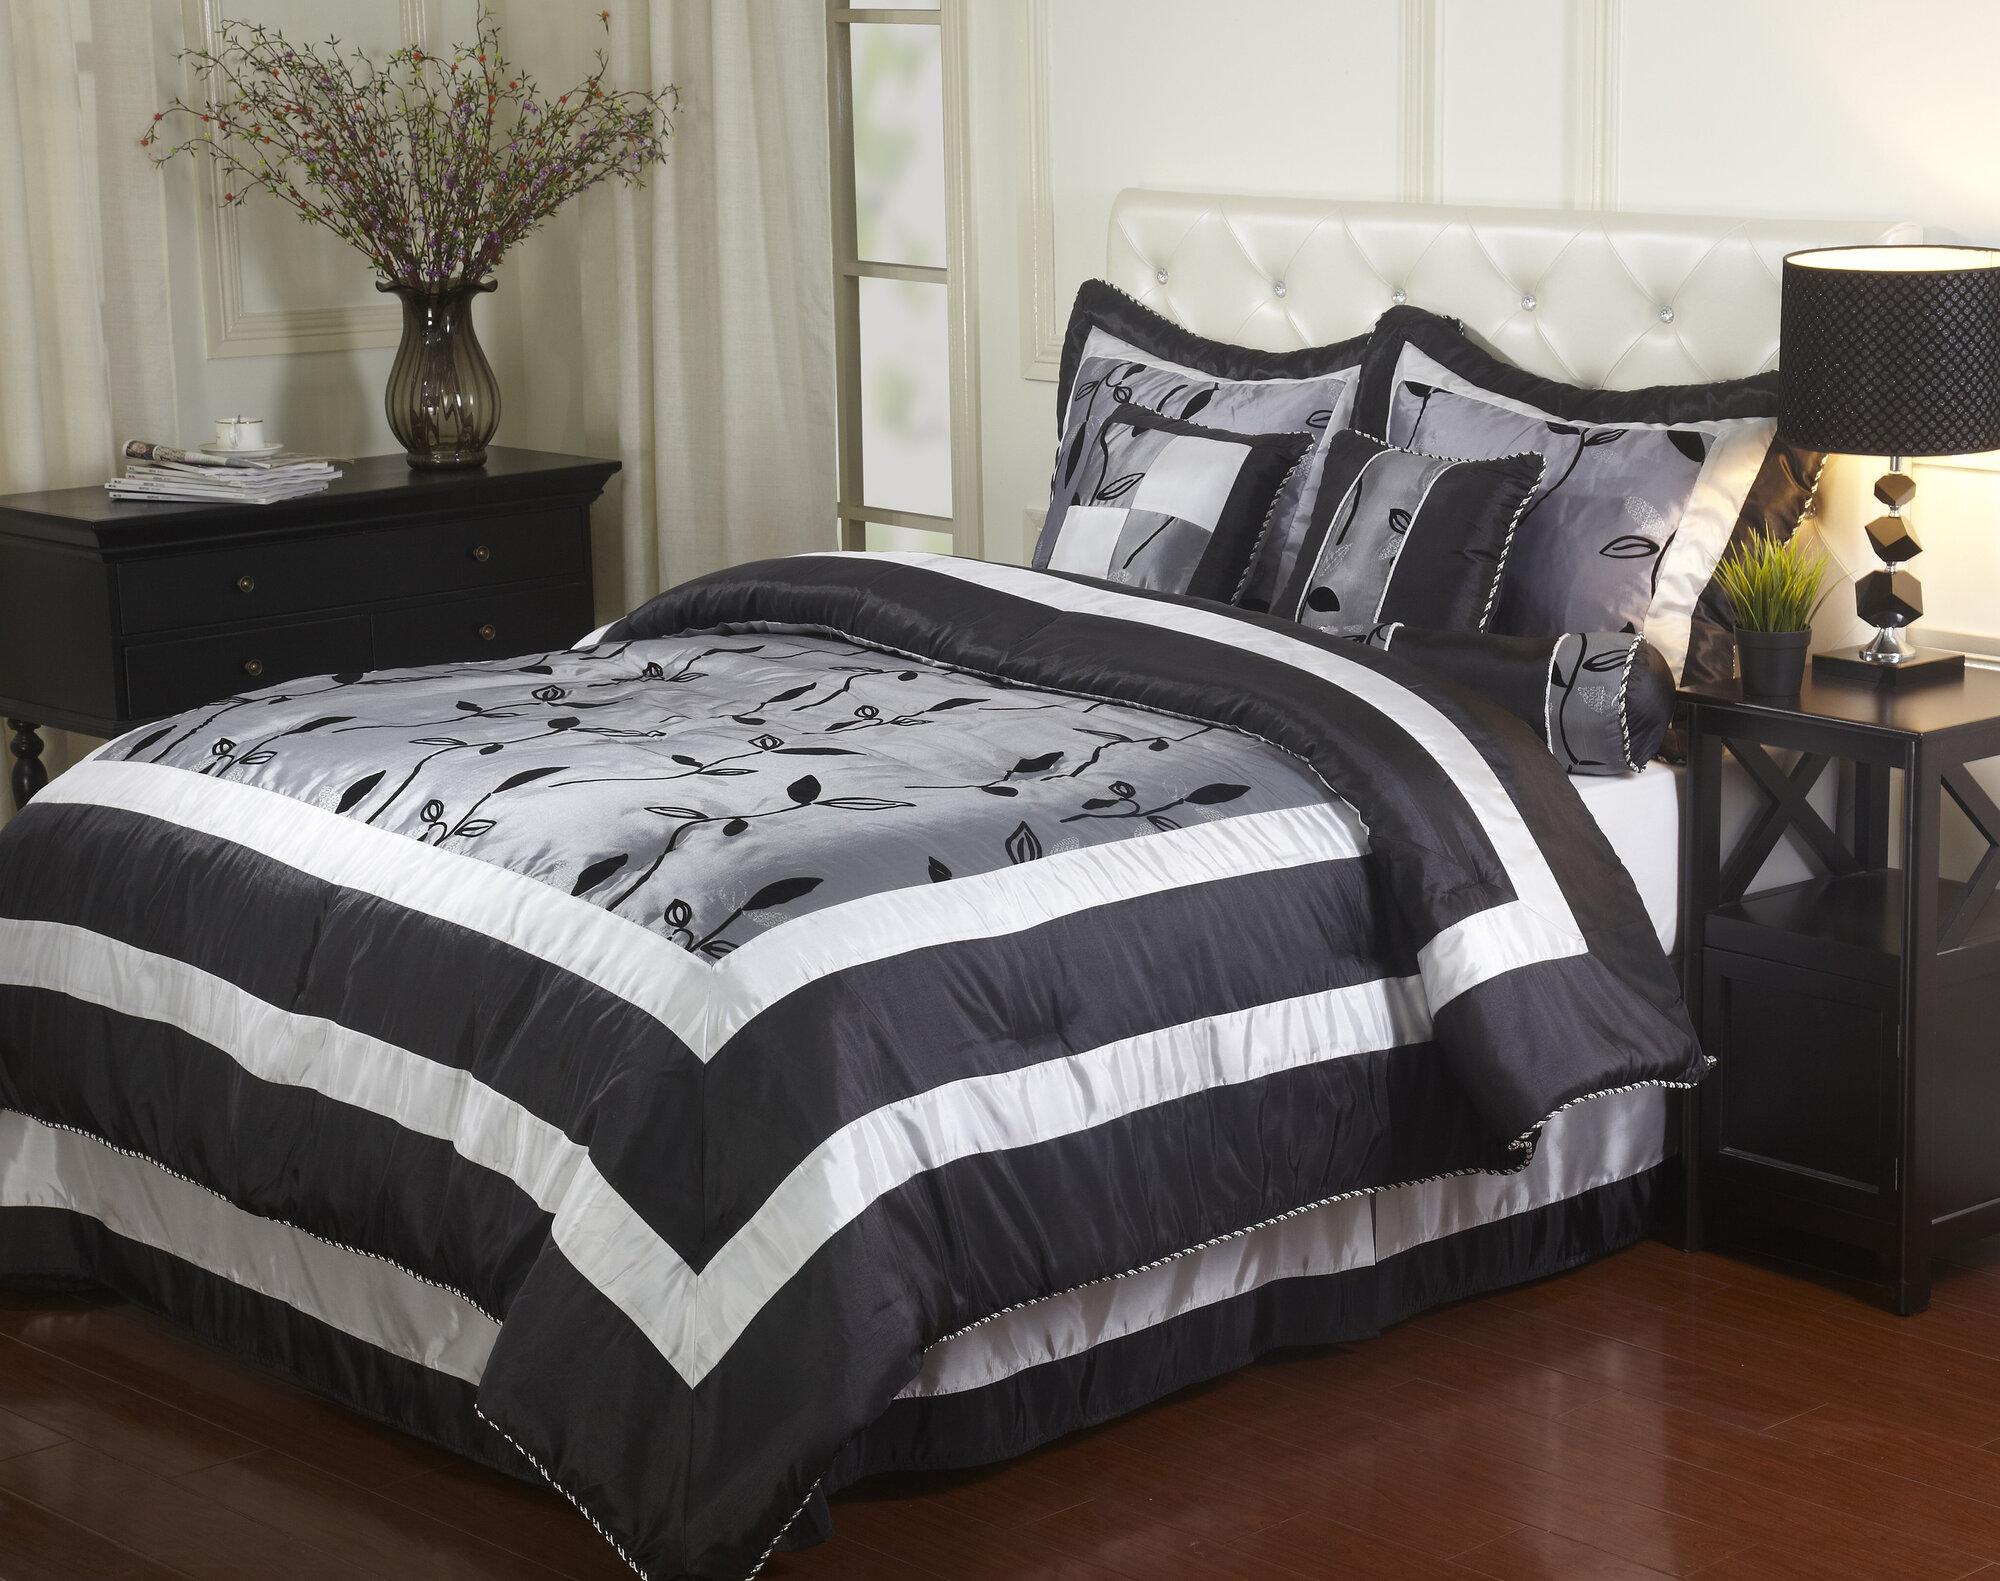 Nanshing America Inc Pastora 7 Piece Comforter Set Ebay